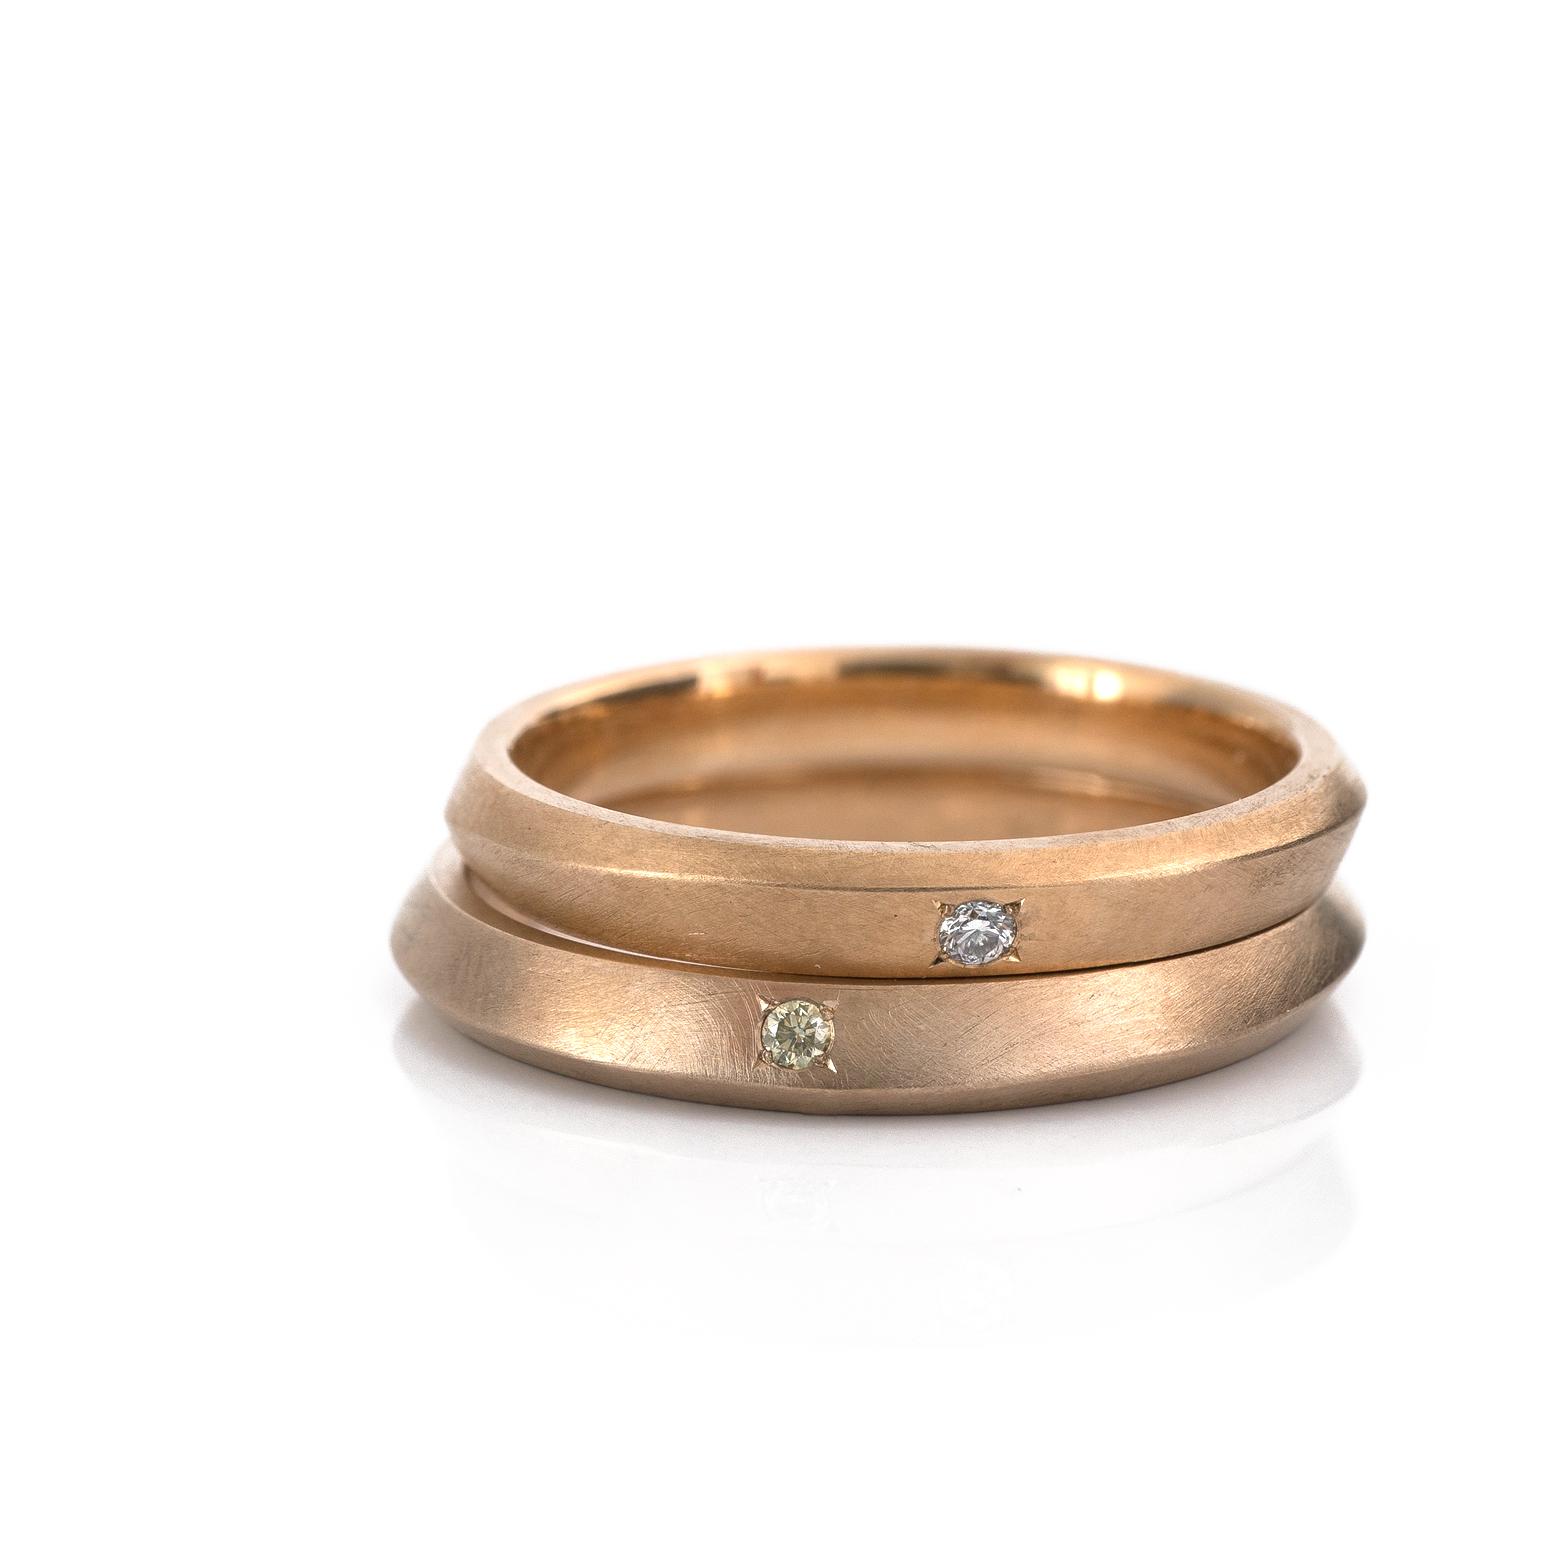 オーダーメイドマリッジリング ゴールド、ダイヤモンド 屋久島でつくる結婚指輪